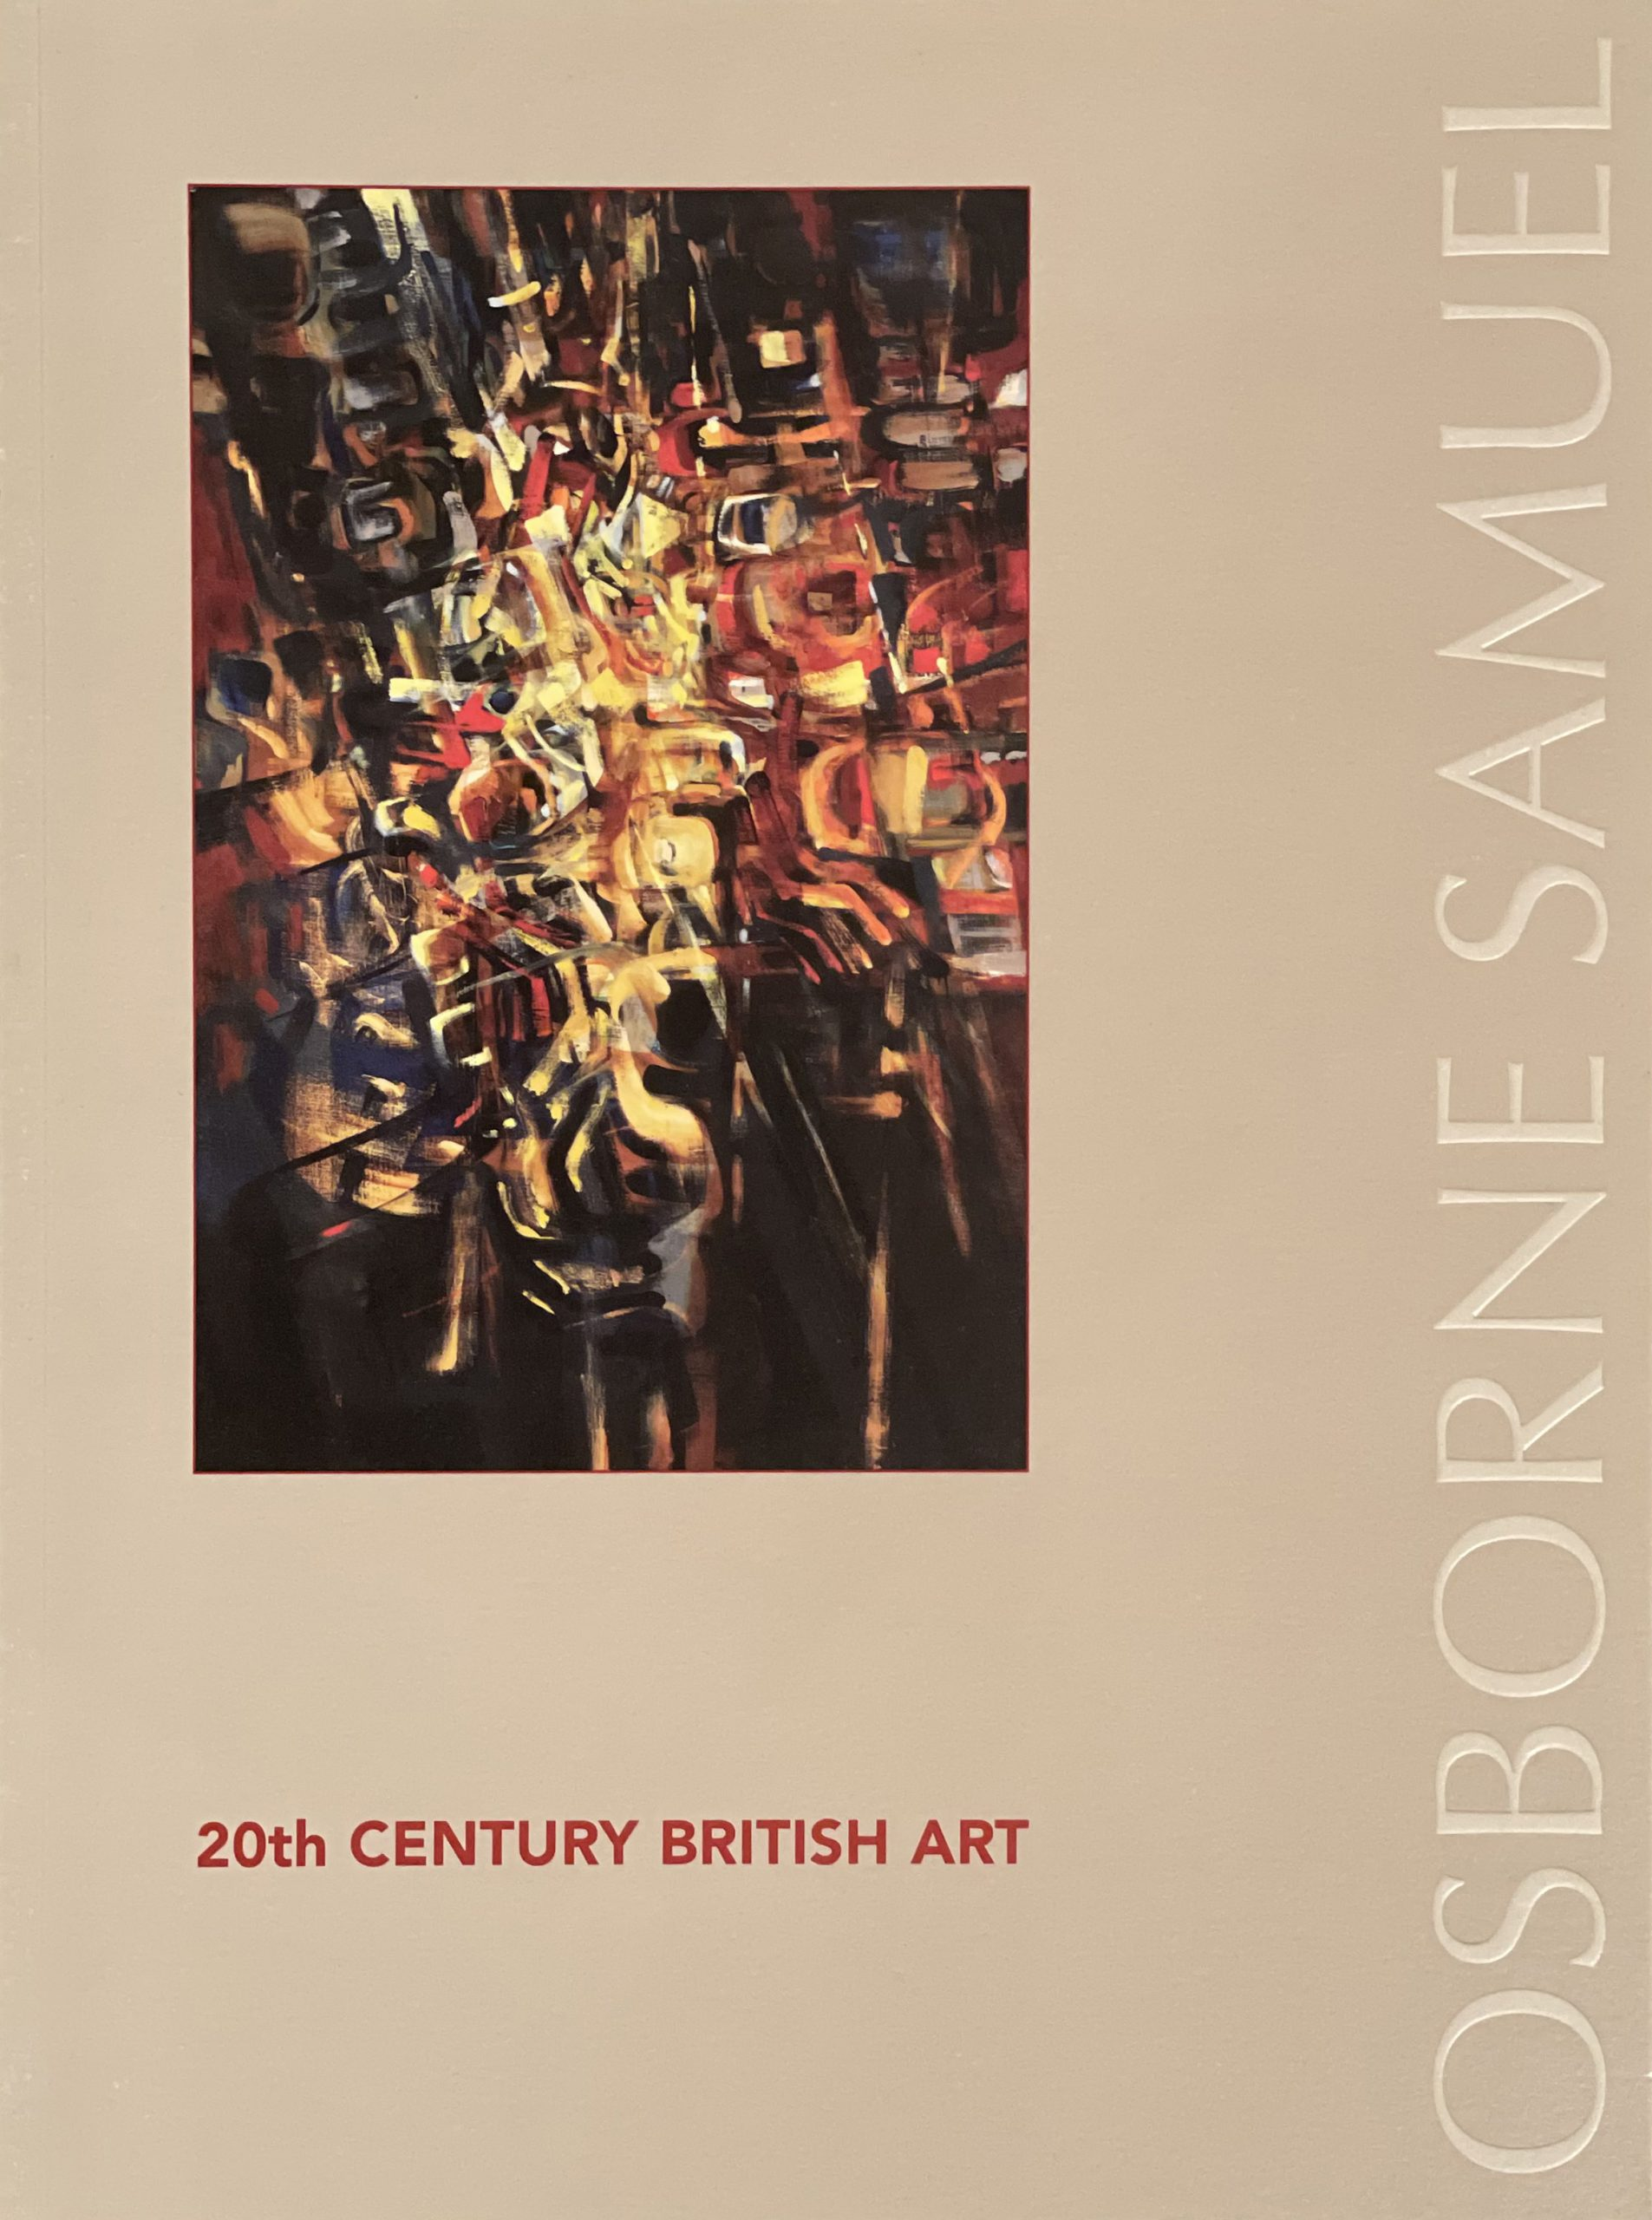 20th Century British Art 2005